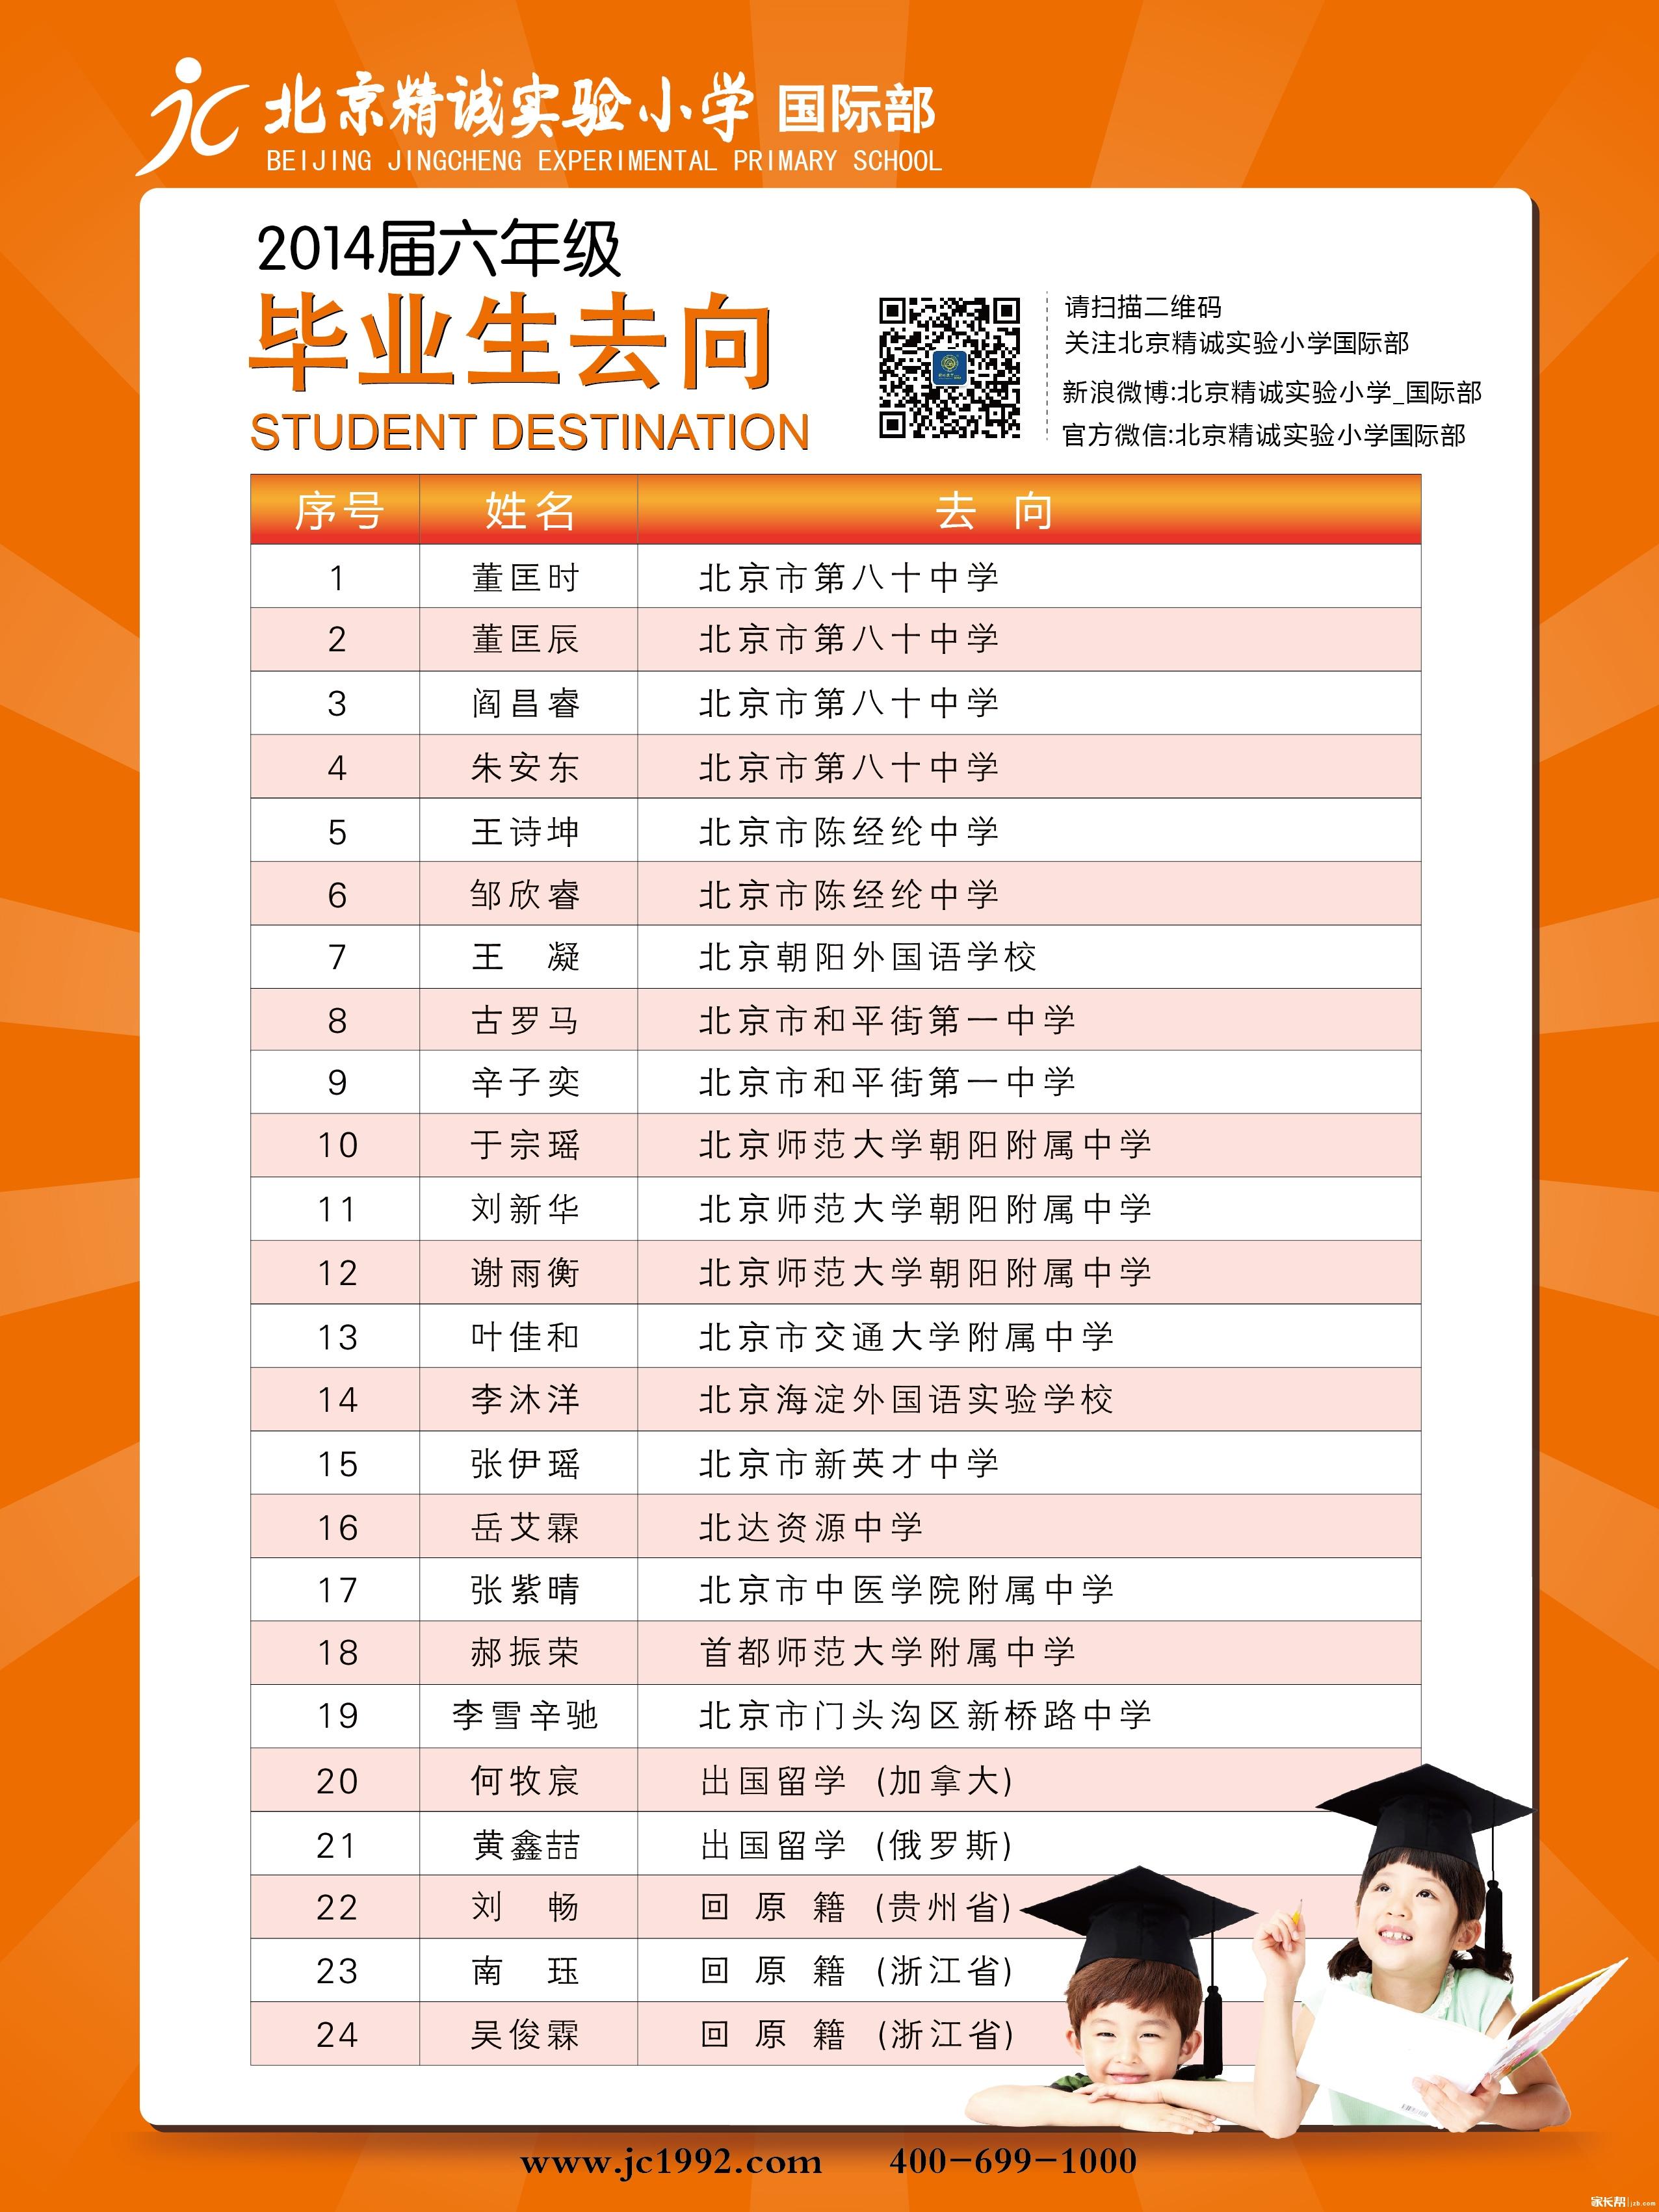 精诚实验小学国际部2014届毕业生去向展板.jpg